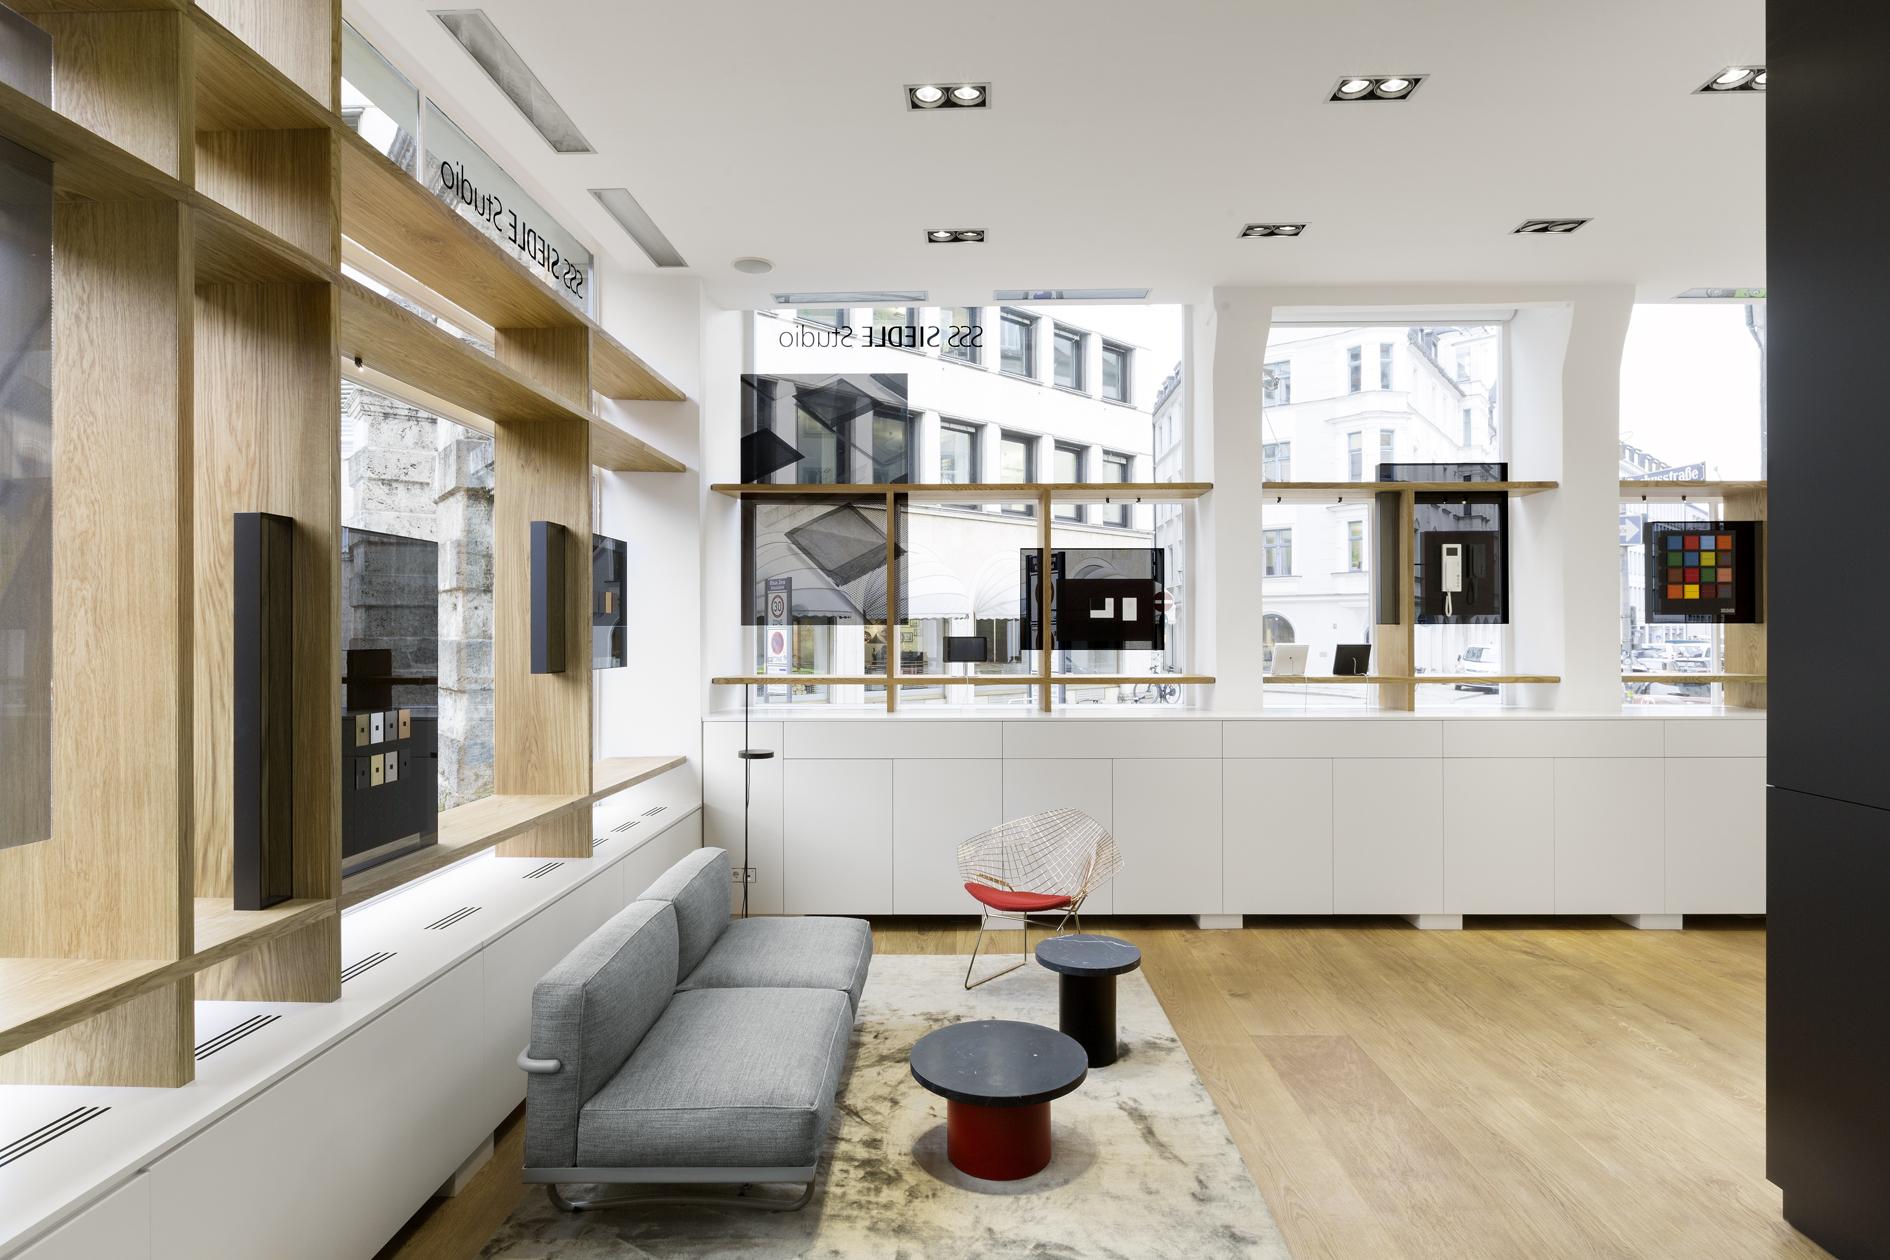 Wohnlich: Das Siedle-Studio München lädt ein, die Marke zu erleben.